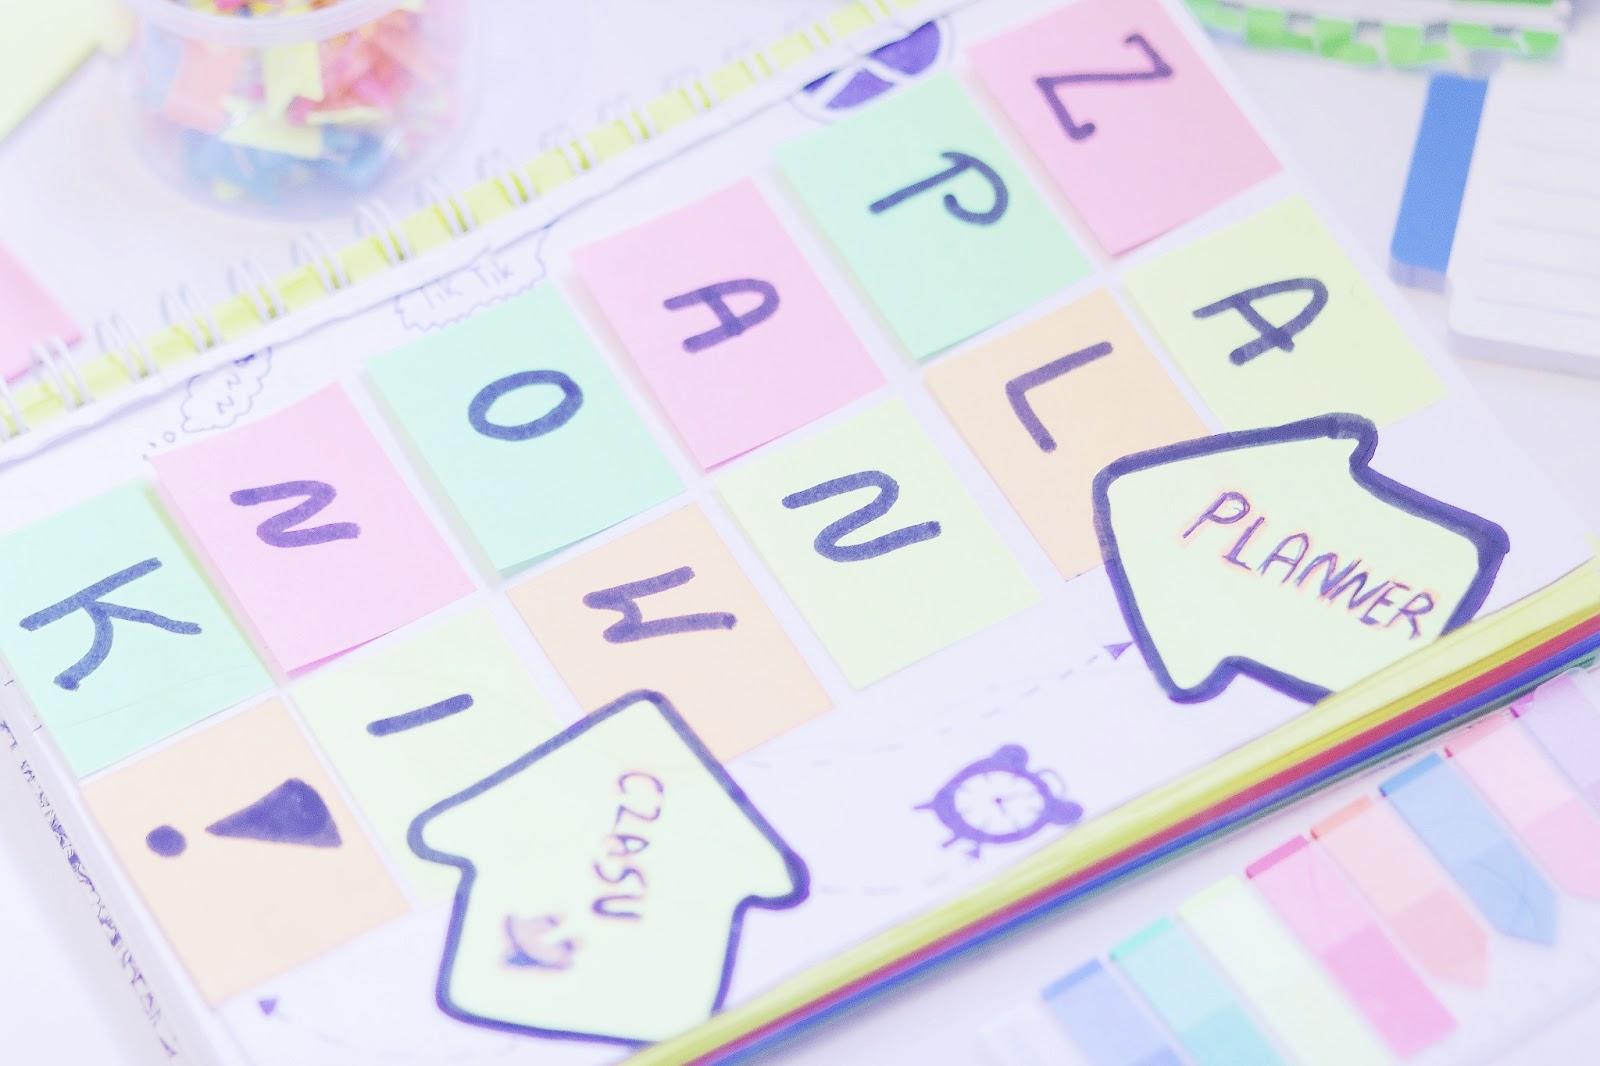 psiolubni, psy, blog o psach, wakacje, wczasy, planowanie czasu, organizer, planner, kalendarz, notatnik, organizacja pracy, organizacja dnia, obowiązki domowe, notatnik, notes, pani swojego czasu,